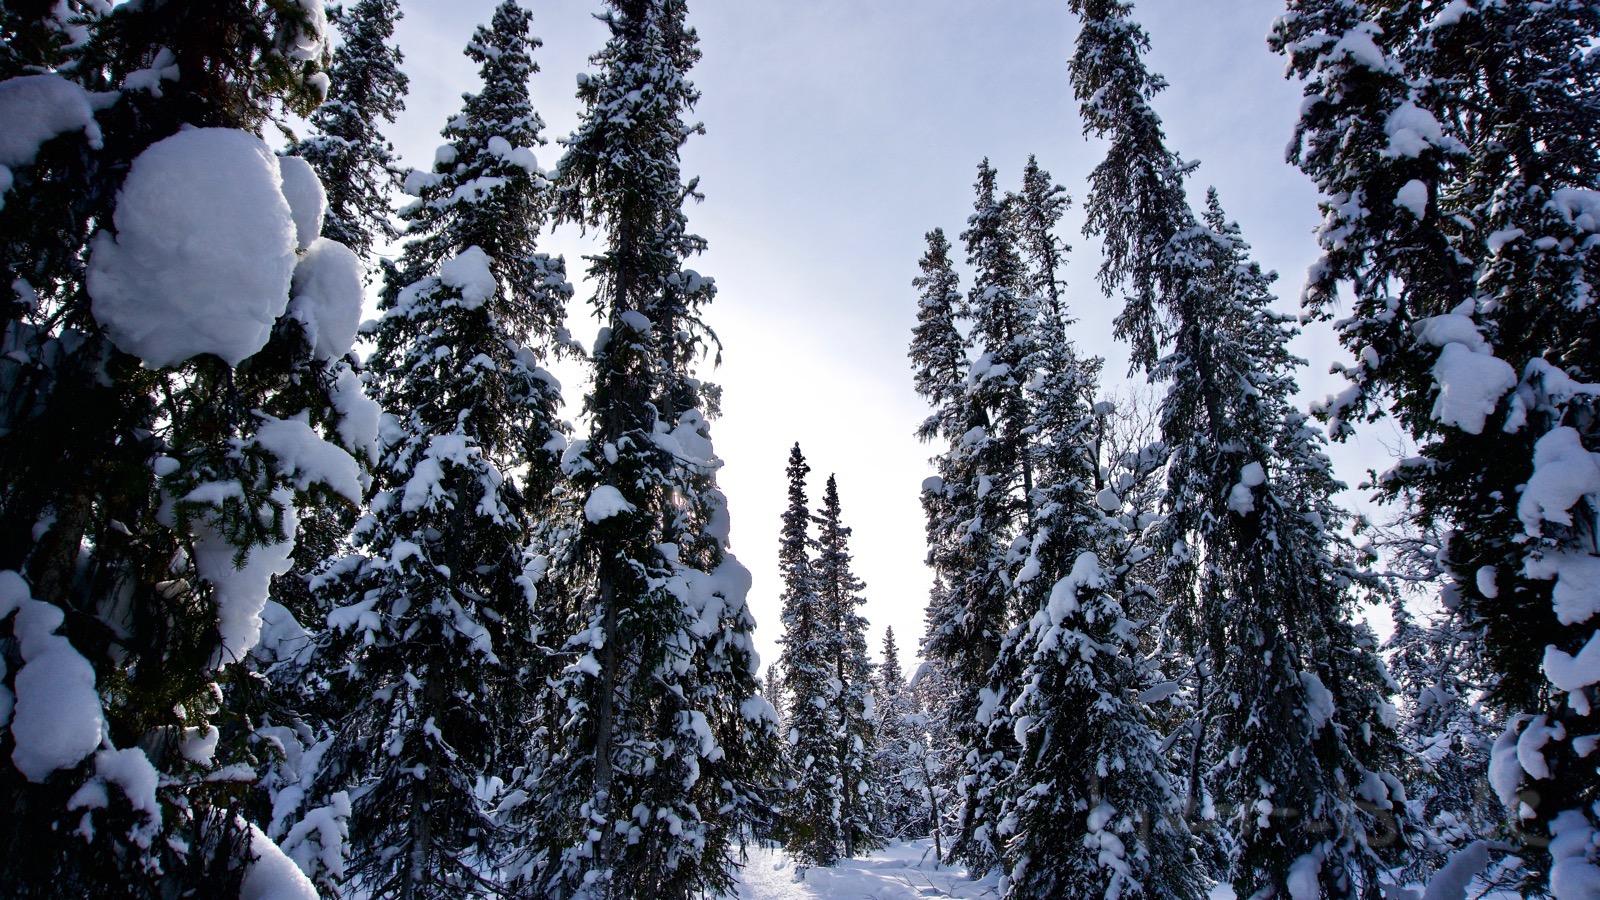 Kurz vor dem Ziel bei Kvikkjokk, die Bäume werden wieder größer.